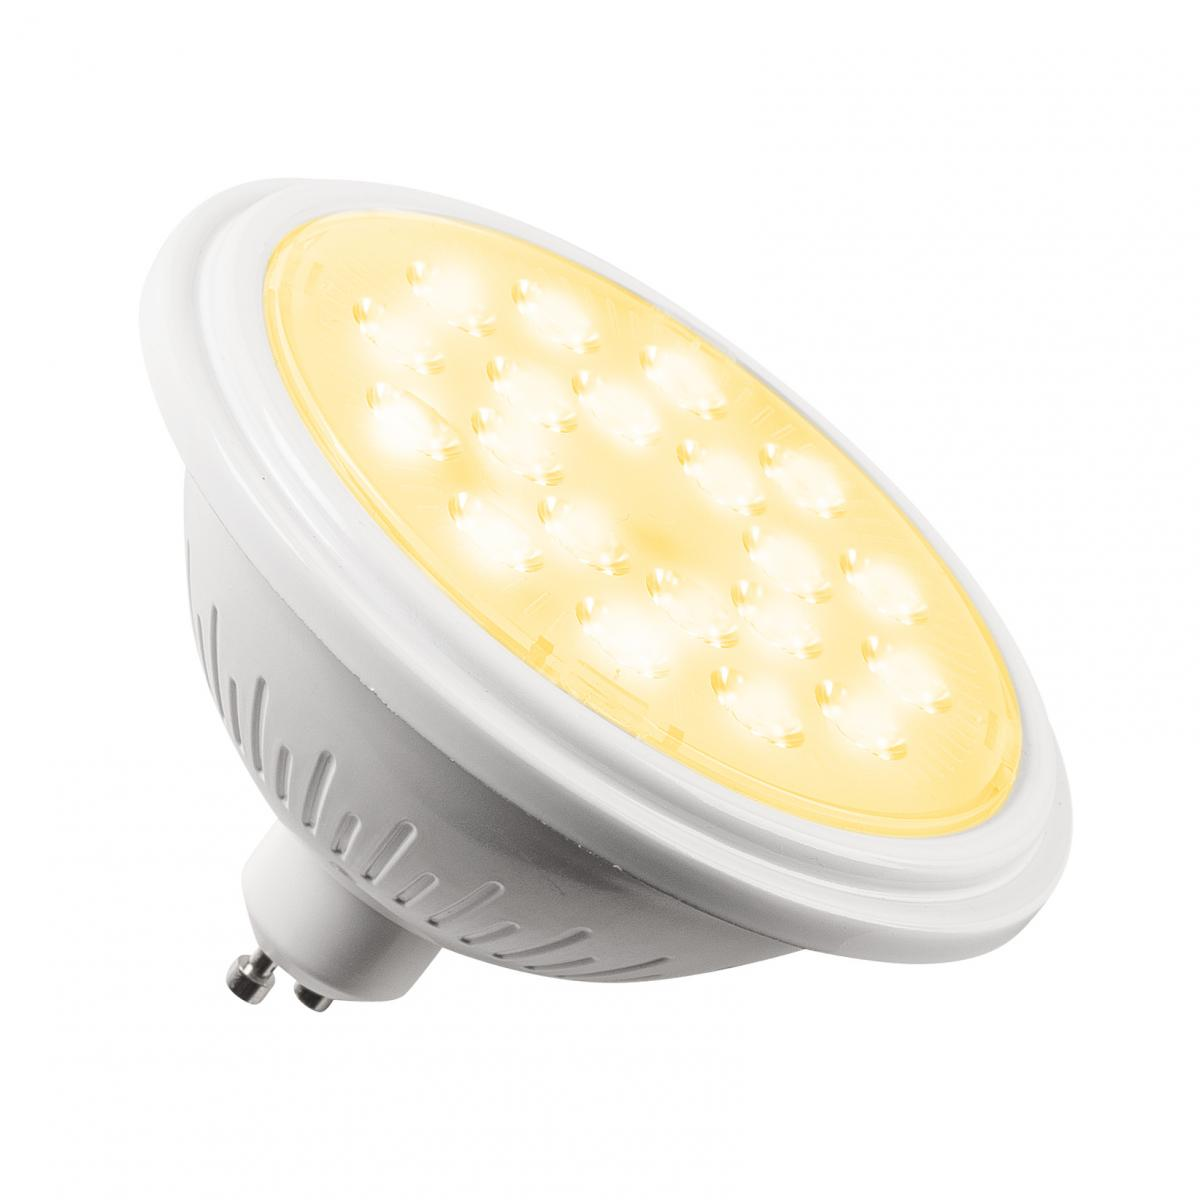 VALETO lichtbron GU10 RGBW 25° 9,5W